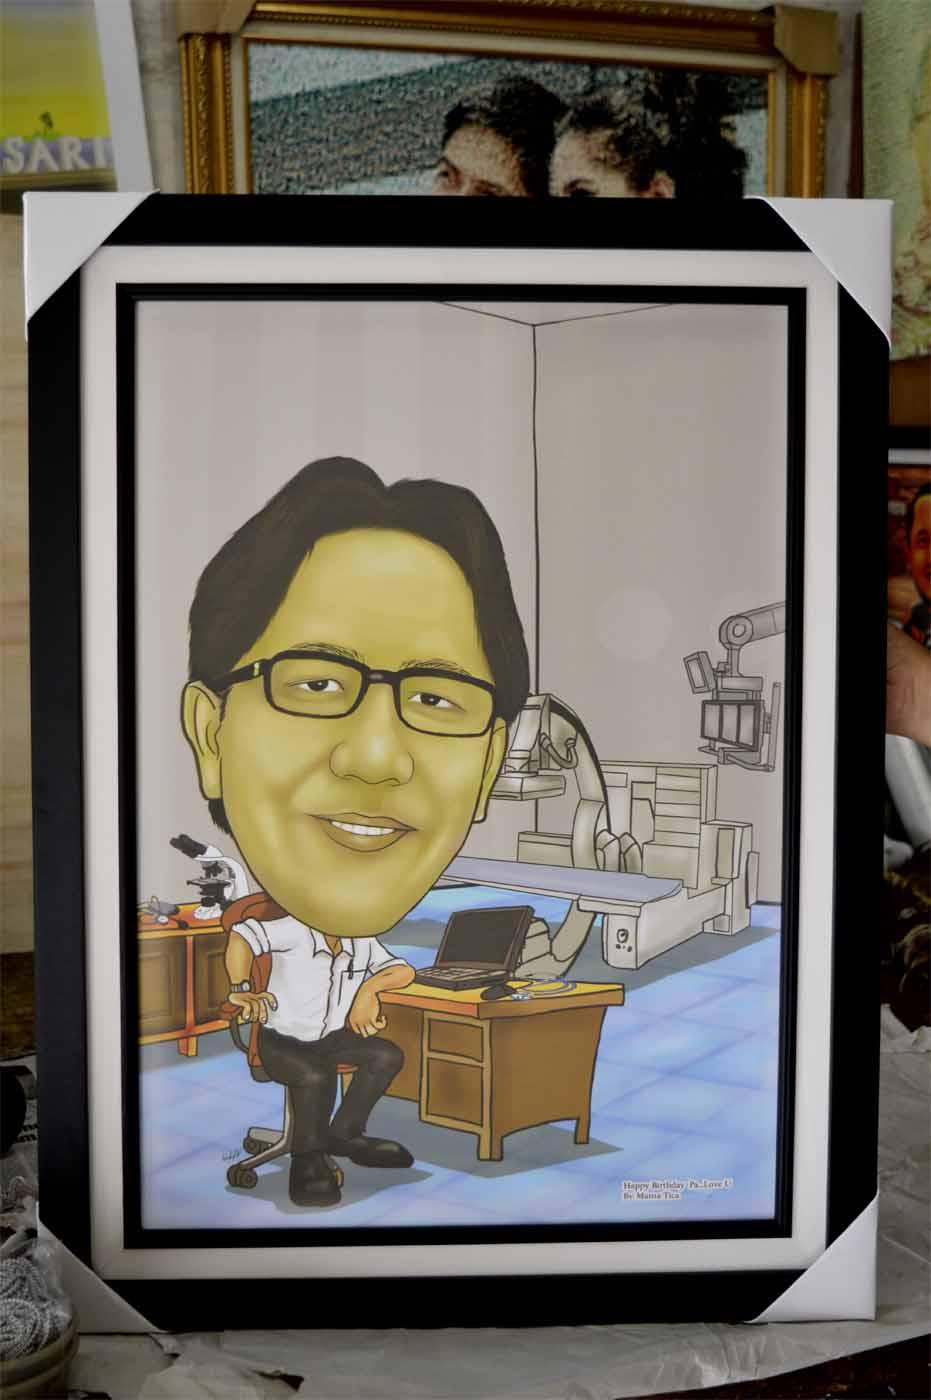 Jasa Karikatur Wajah Karikatur Digital Dan Manual Daftar Harga